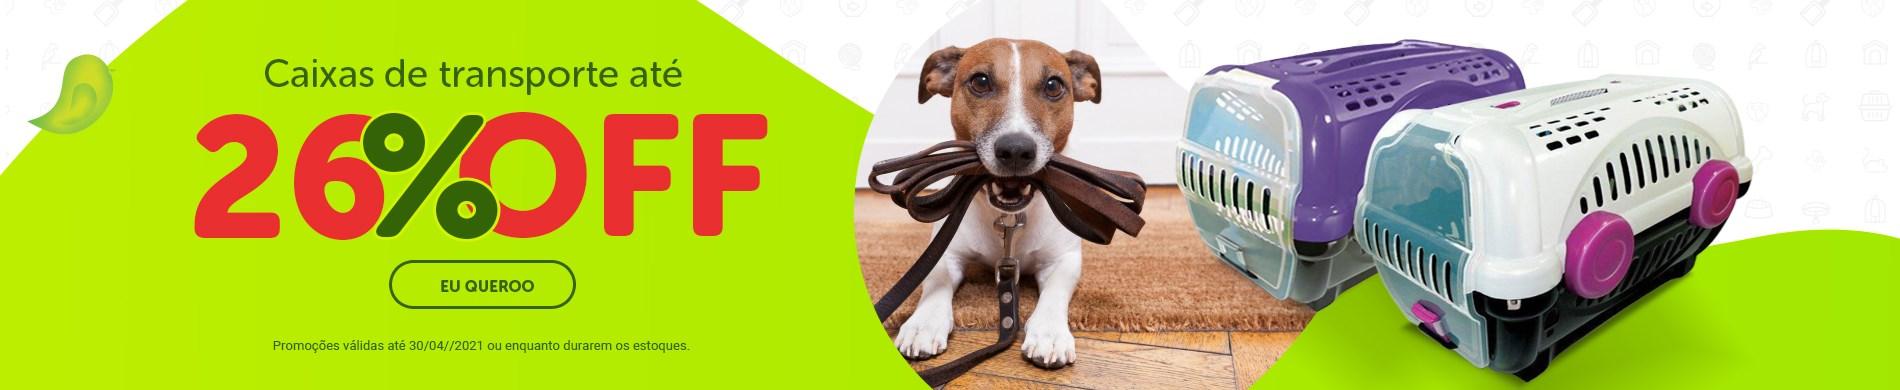 Promoção Caixa de Transporte Furacão Pet